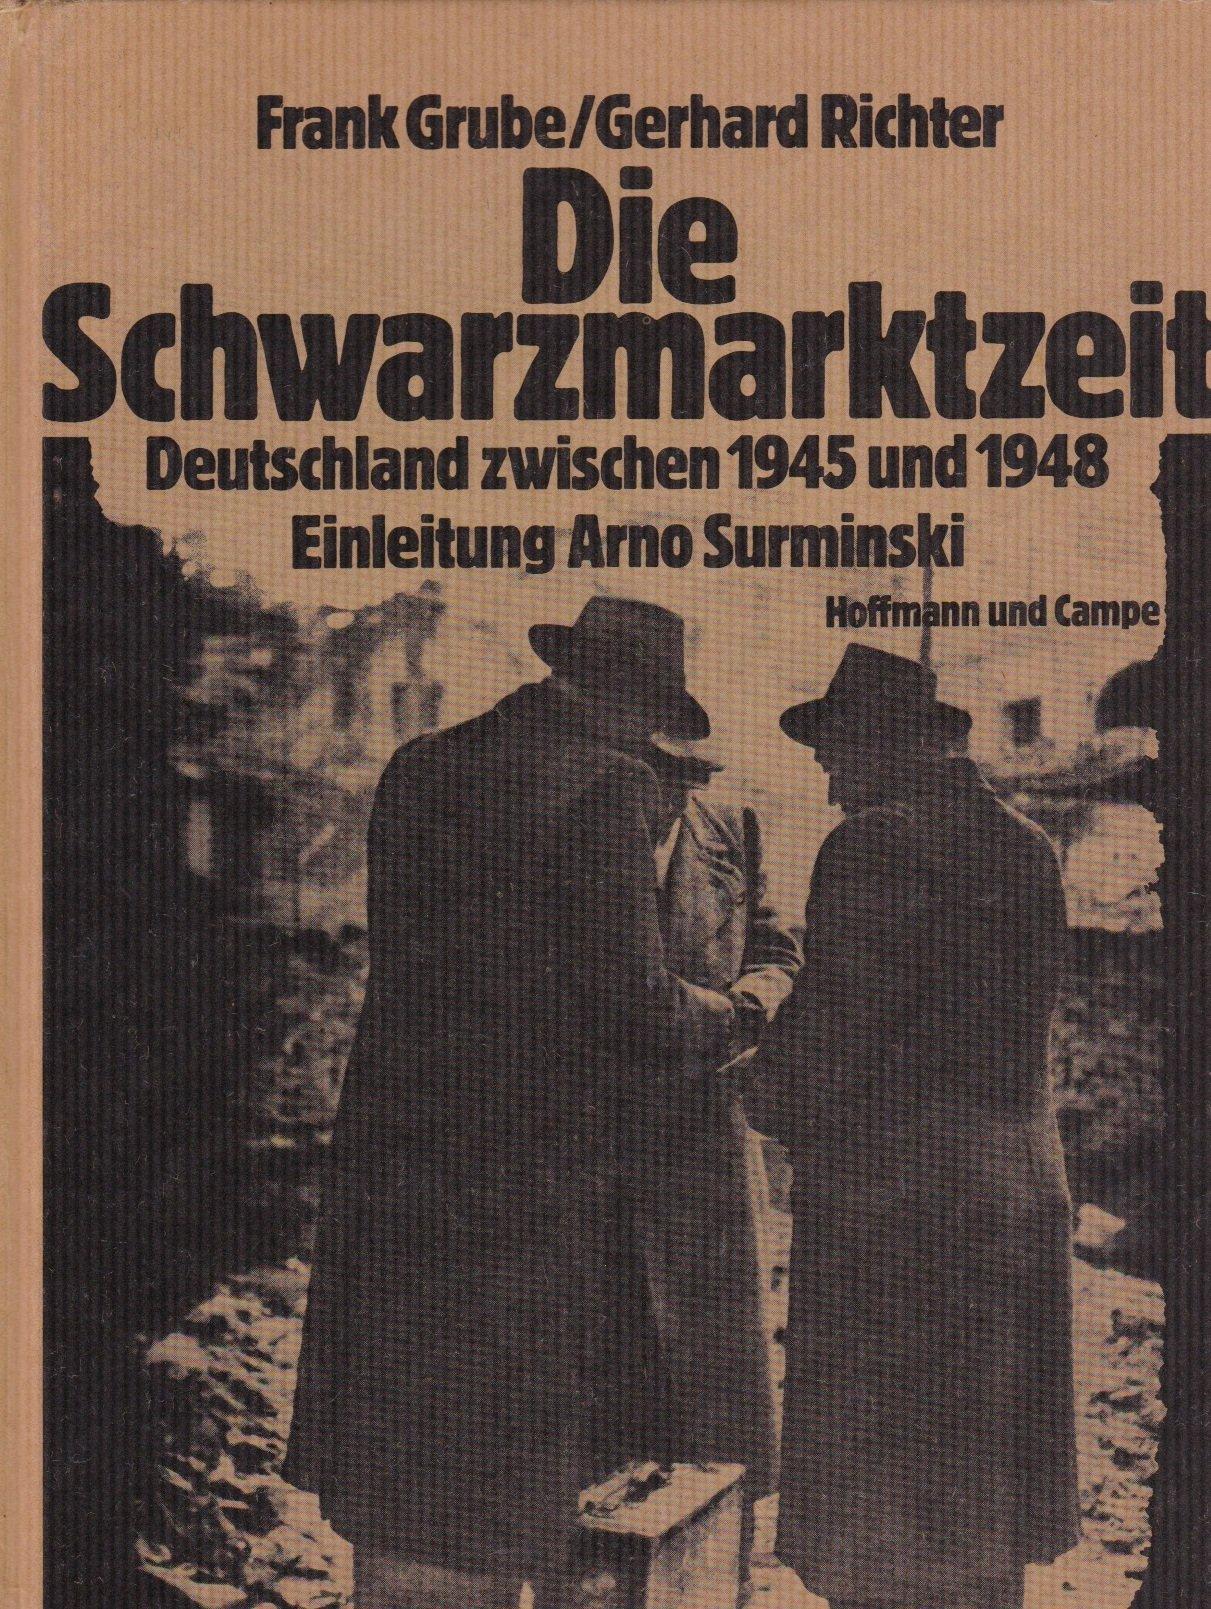 Die Schwarzmarktzeit. Deutschland zwischen 1945 und 1948